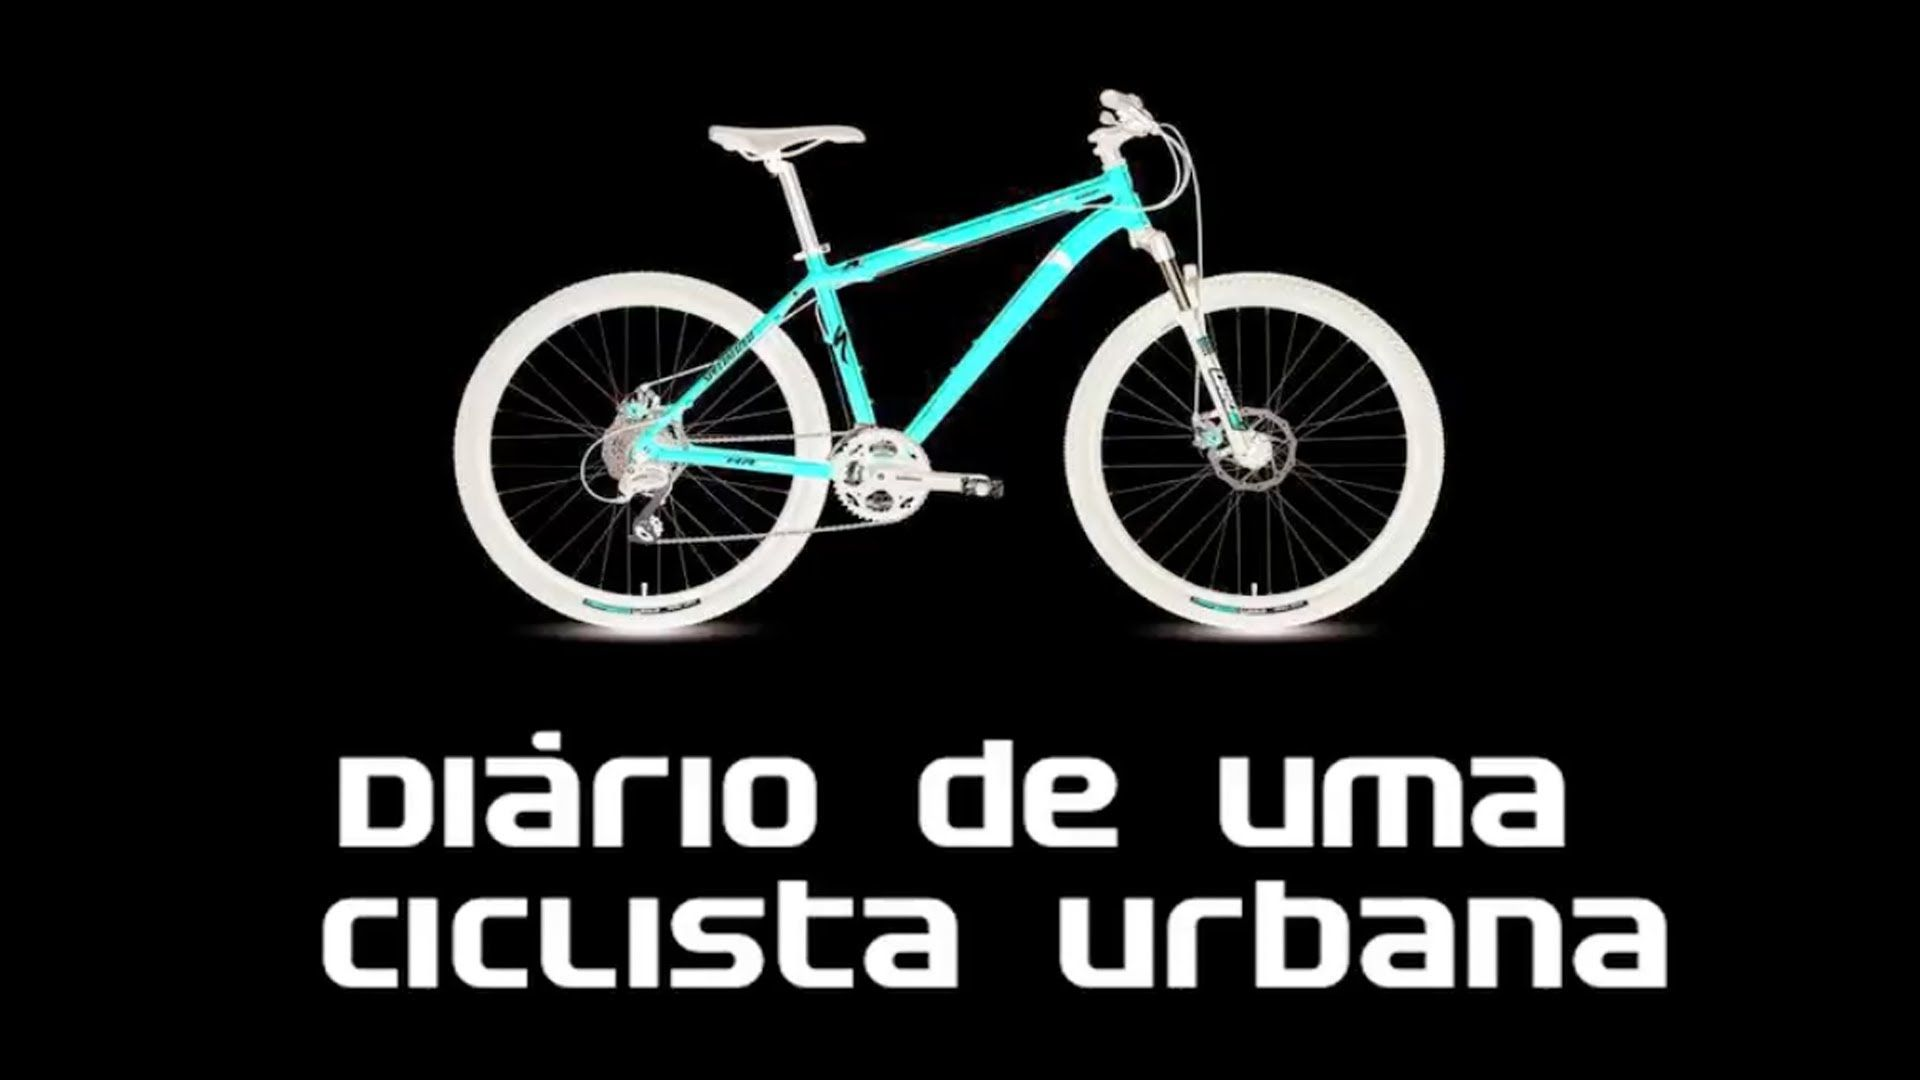 Diário do ciclista urbano